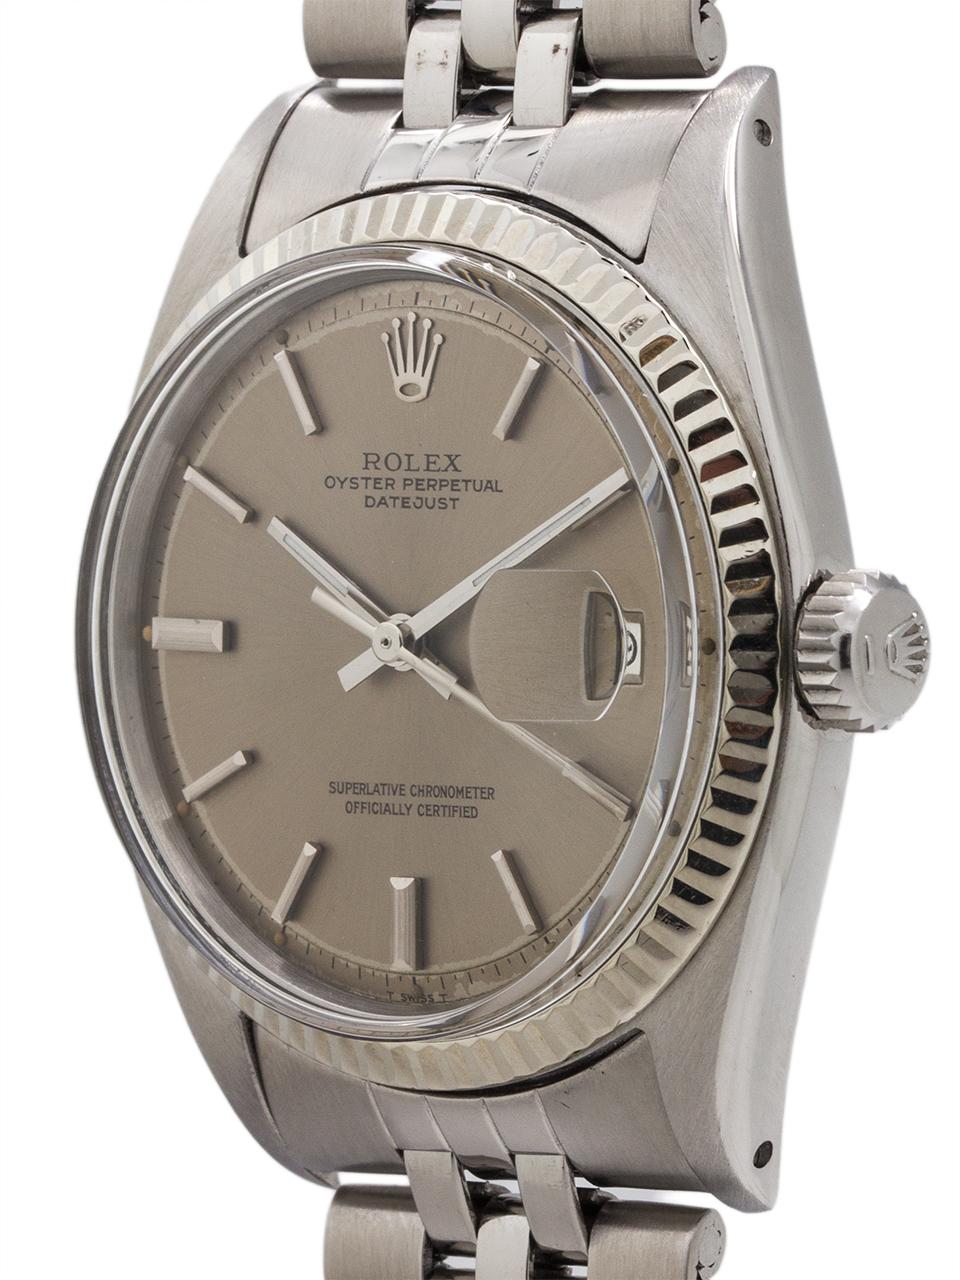 Rolex SS Datejust ref 1601 Steel & 14K WG circa 1968